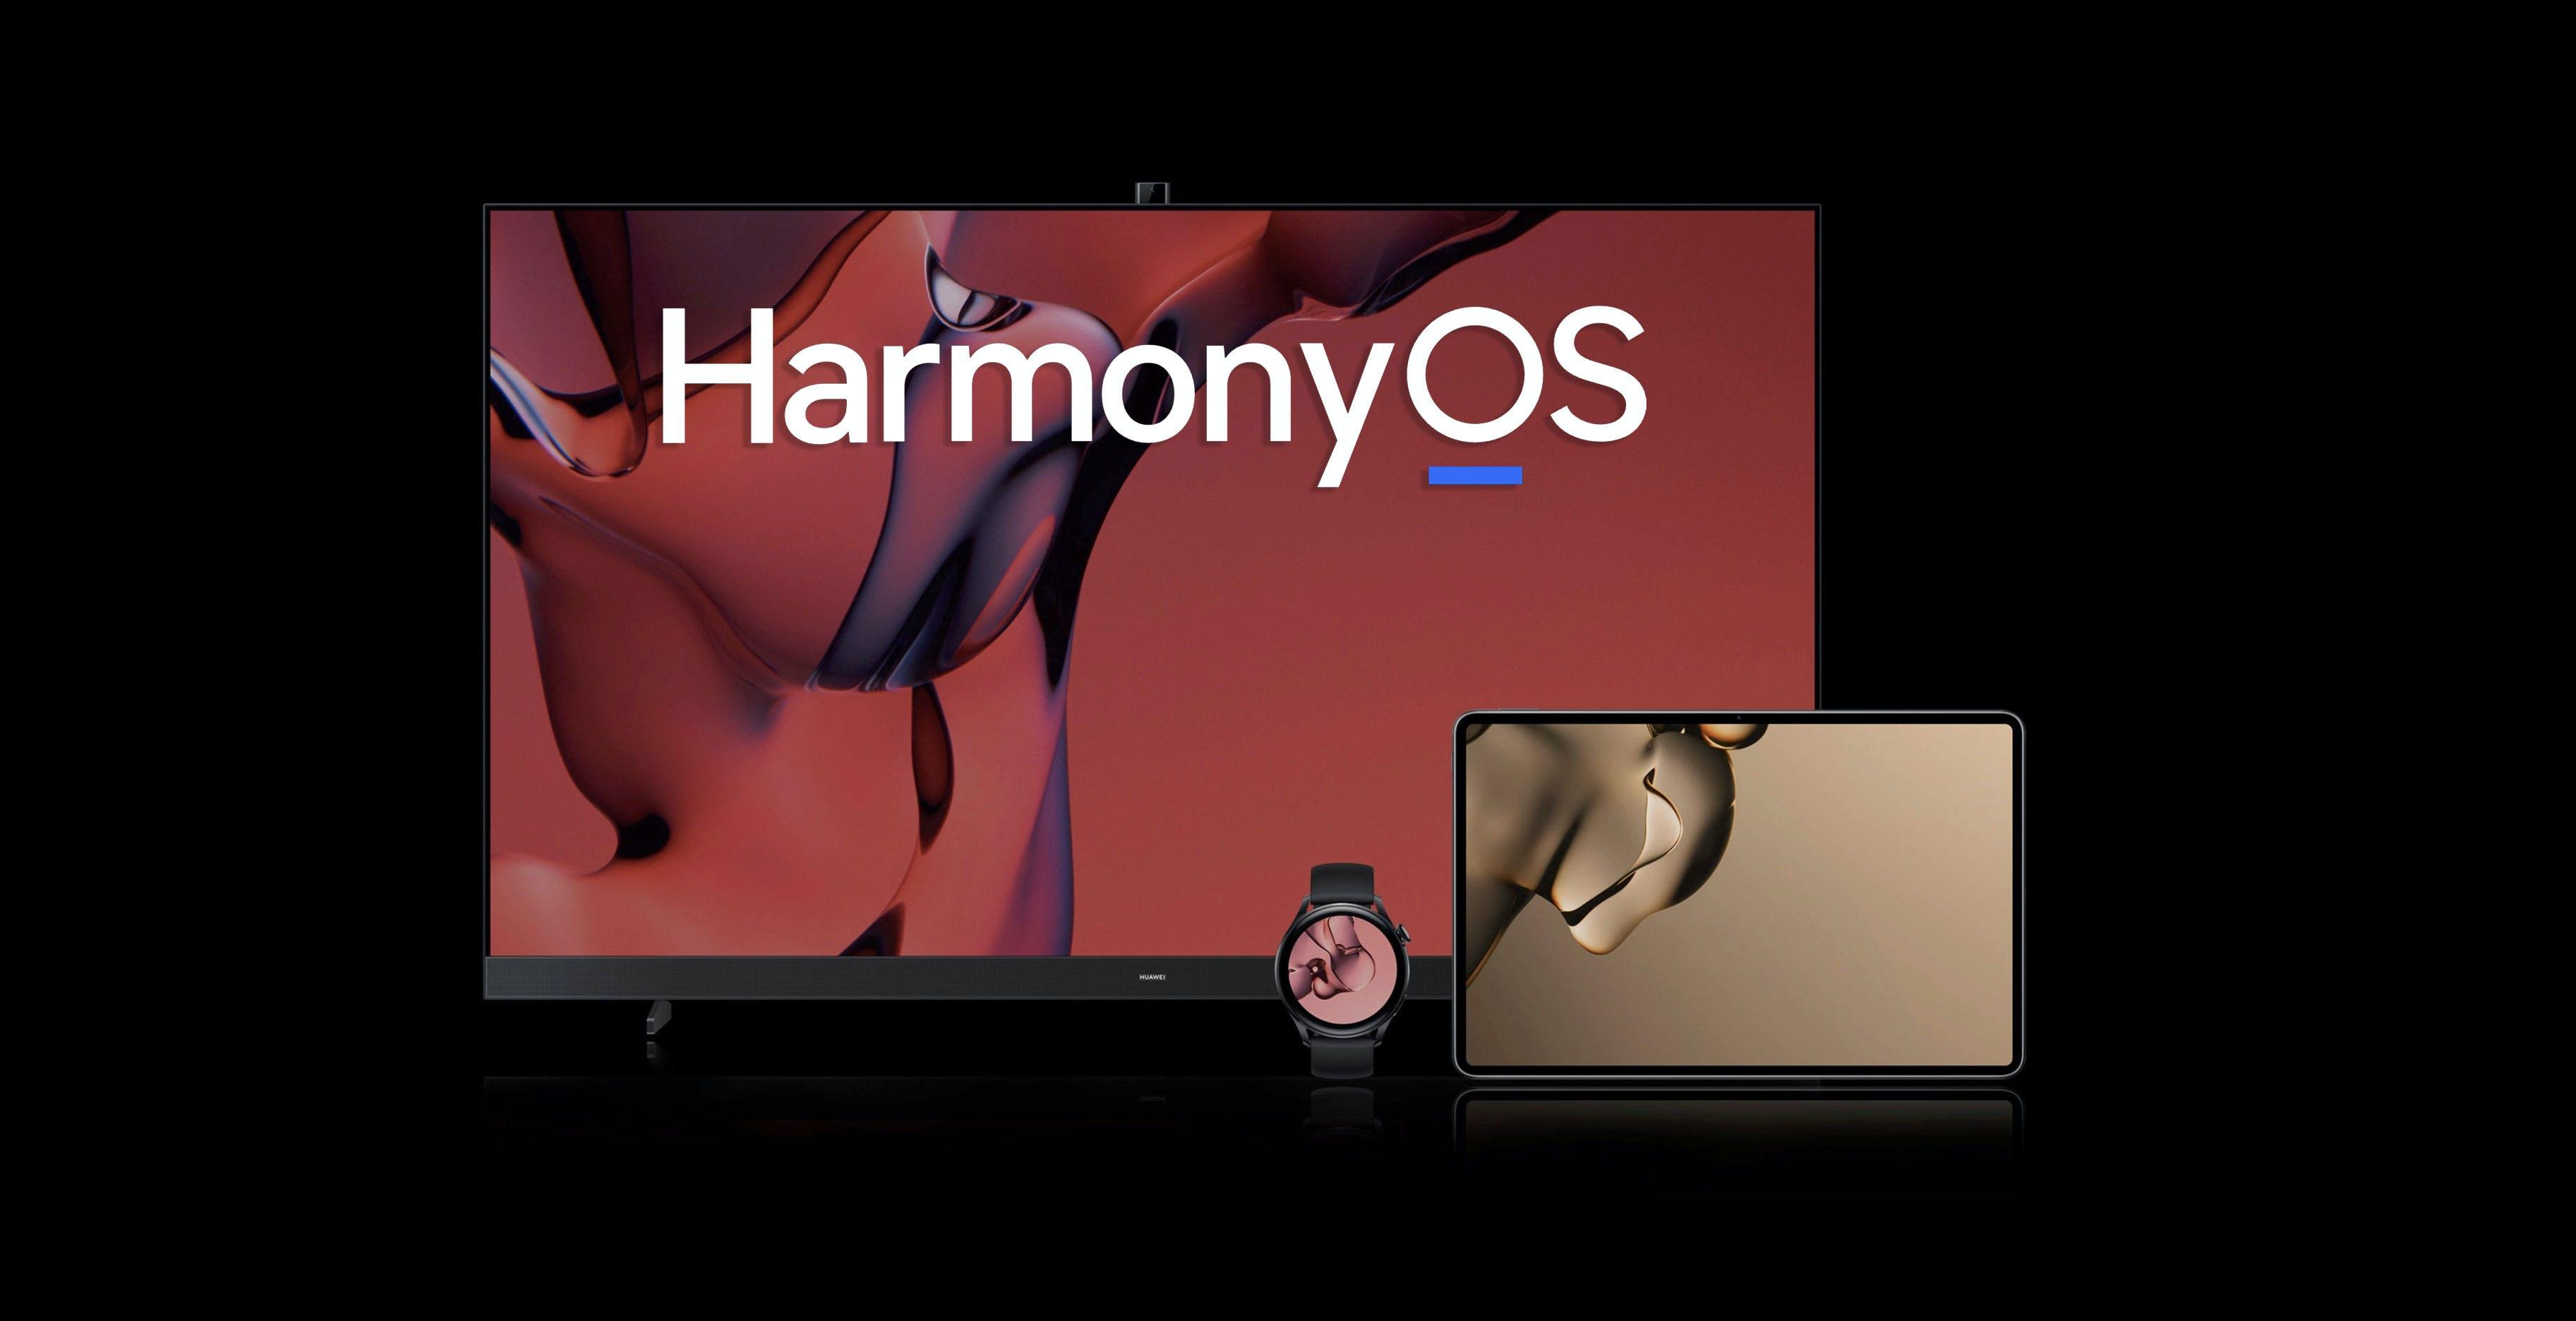 Abbiamo provato HarmonyOS. No, non è la copia di Android